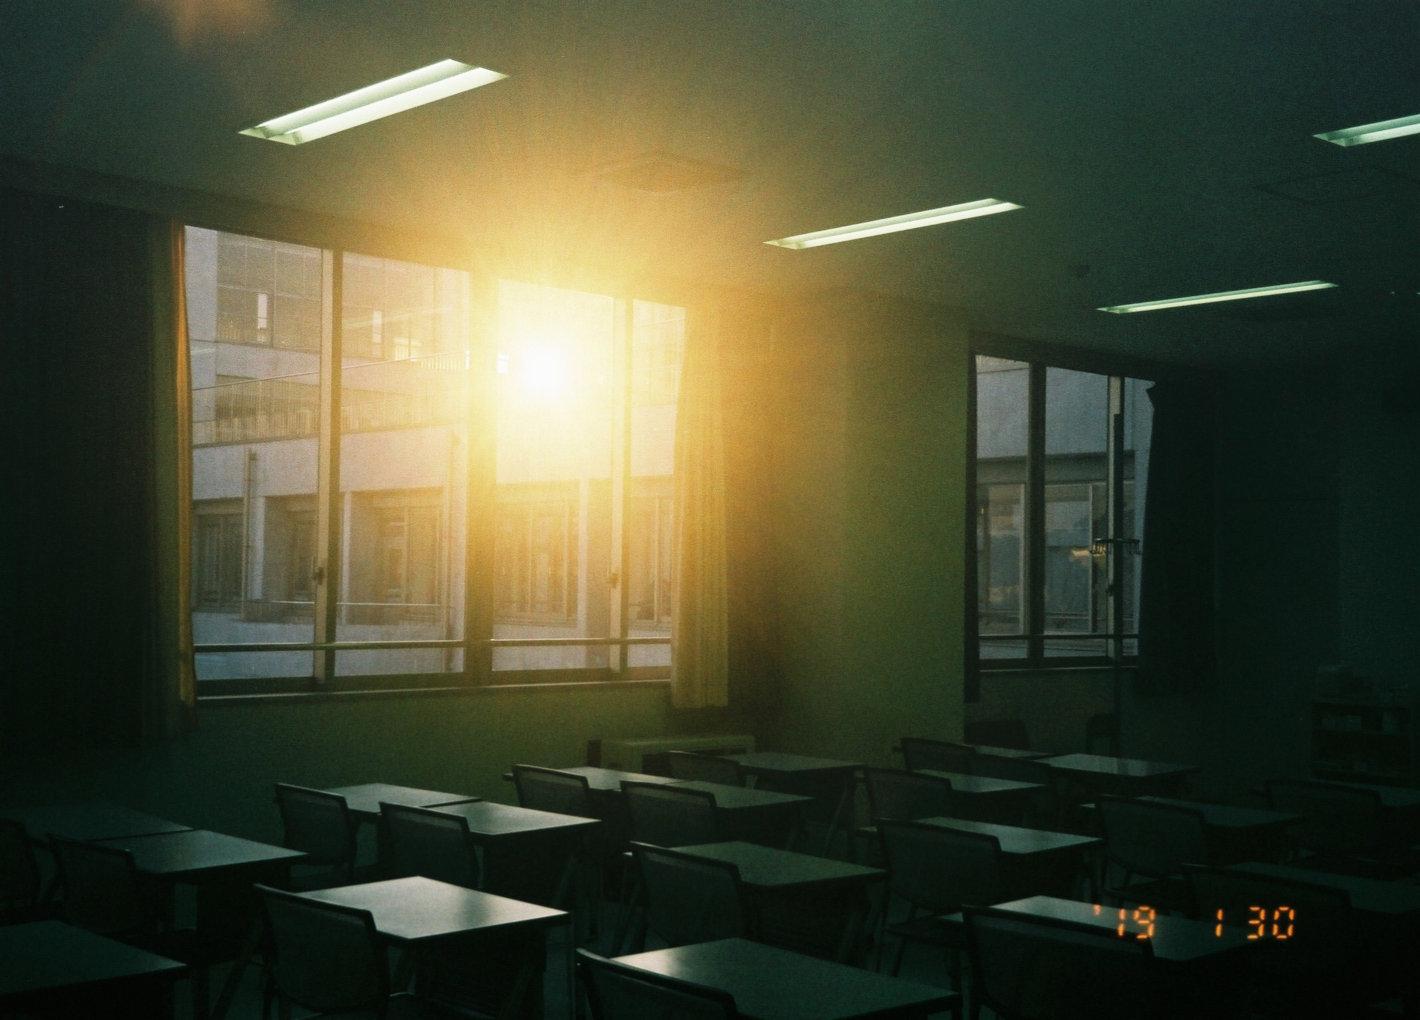 学校生活最後に振り返る「フィルムで残す、大切な友達との戻らない日々」